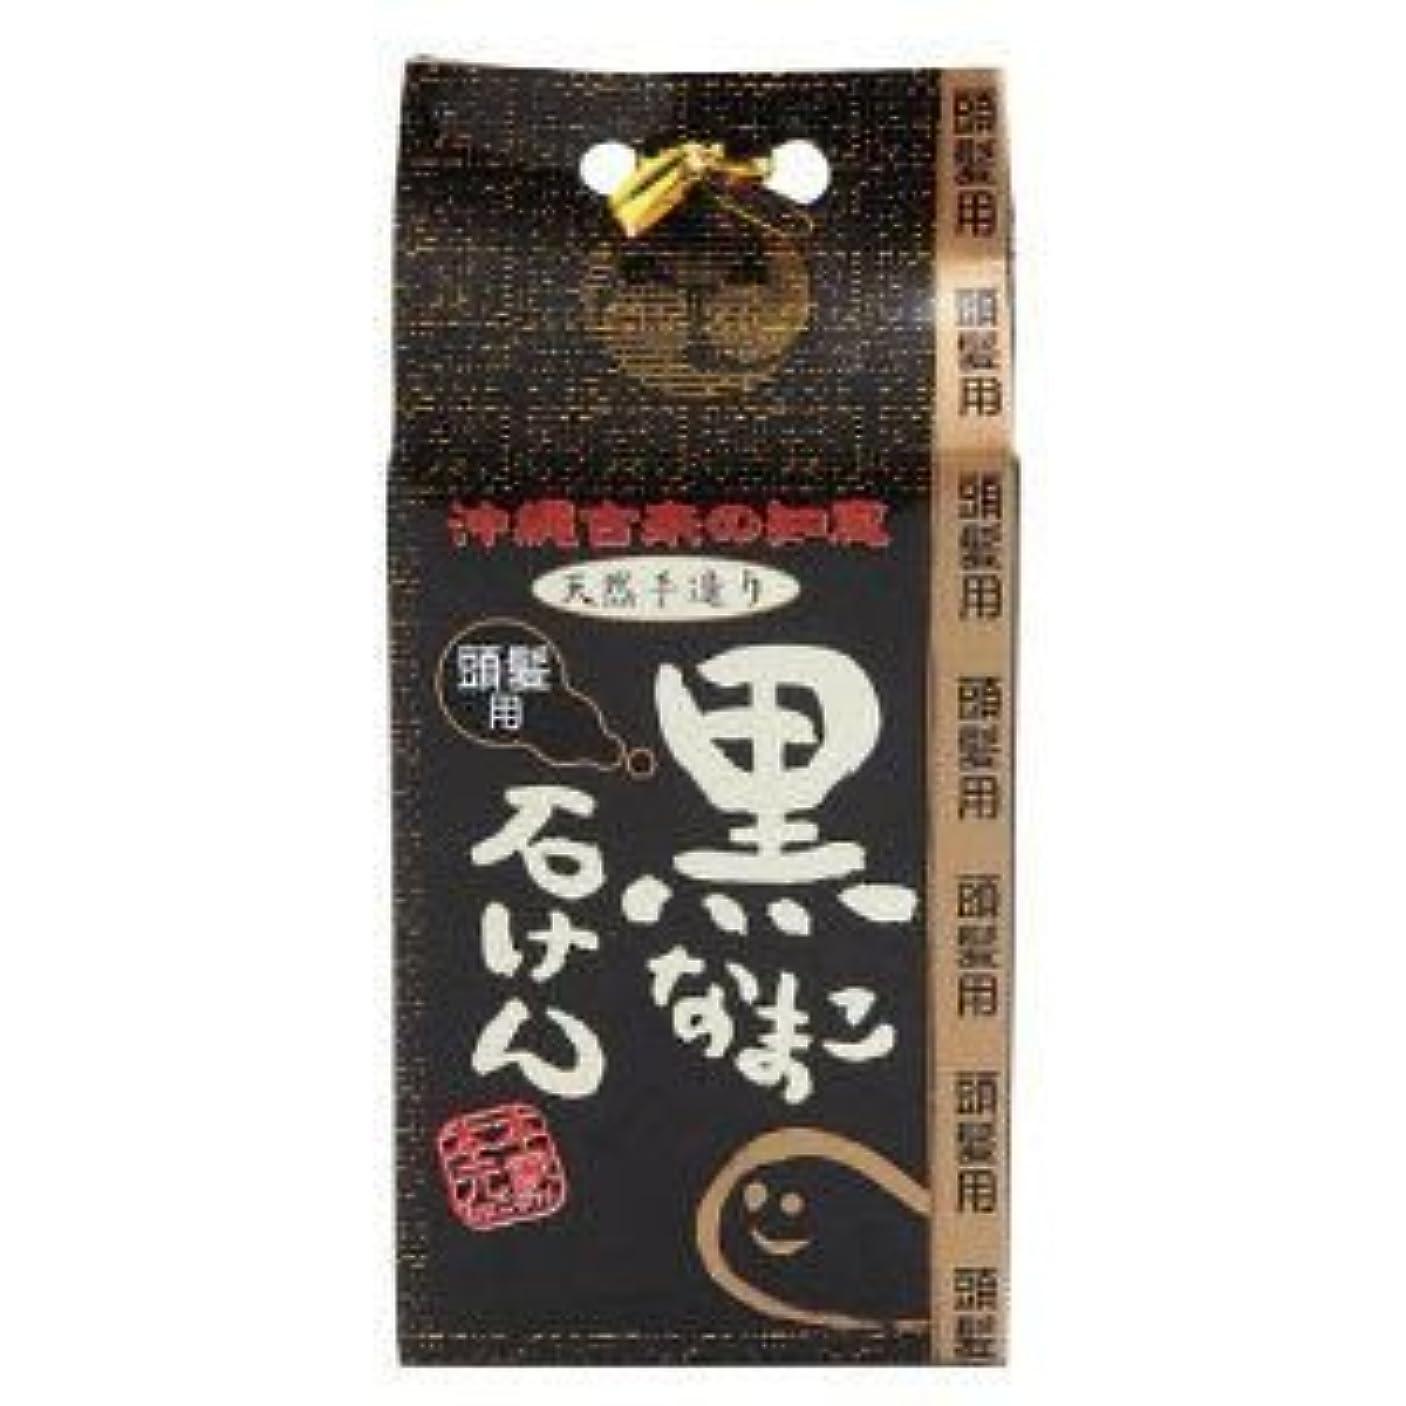 脱走伝統的流行黒なまこ石けん 90g  2個セット ※素材のひとつひとつにこだわった石鹸シャンプーです。